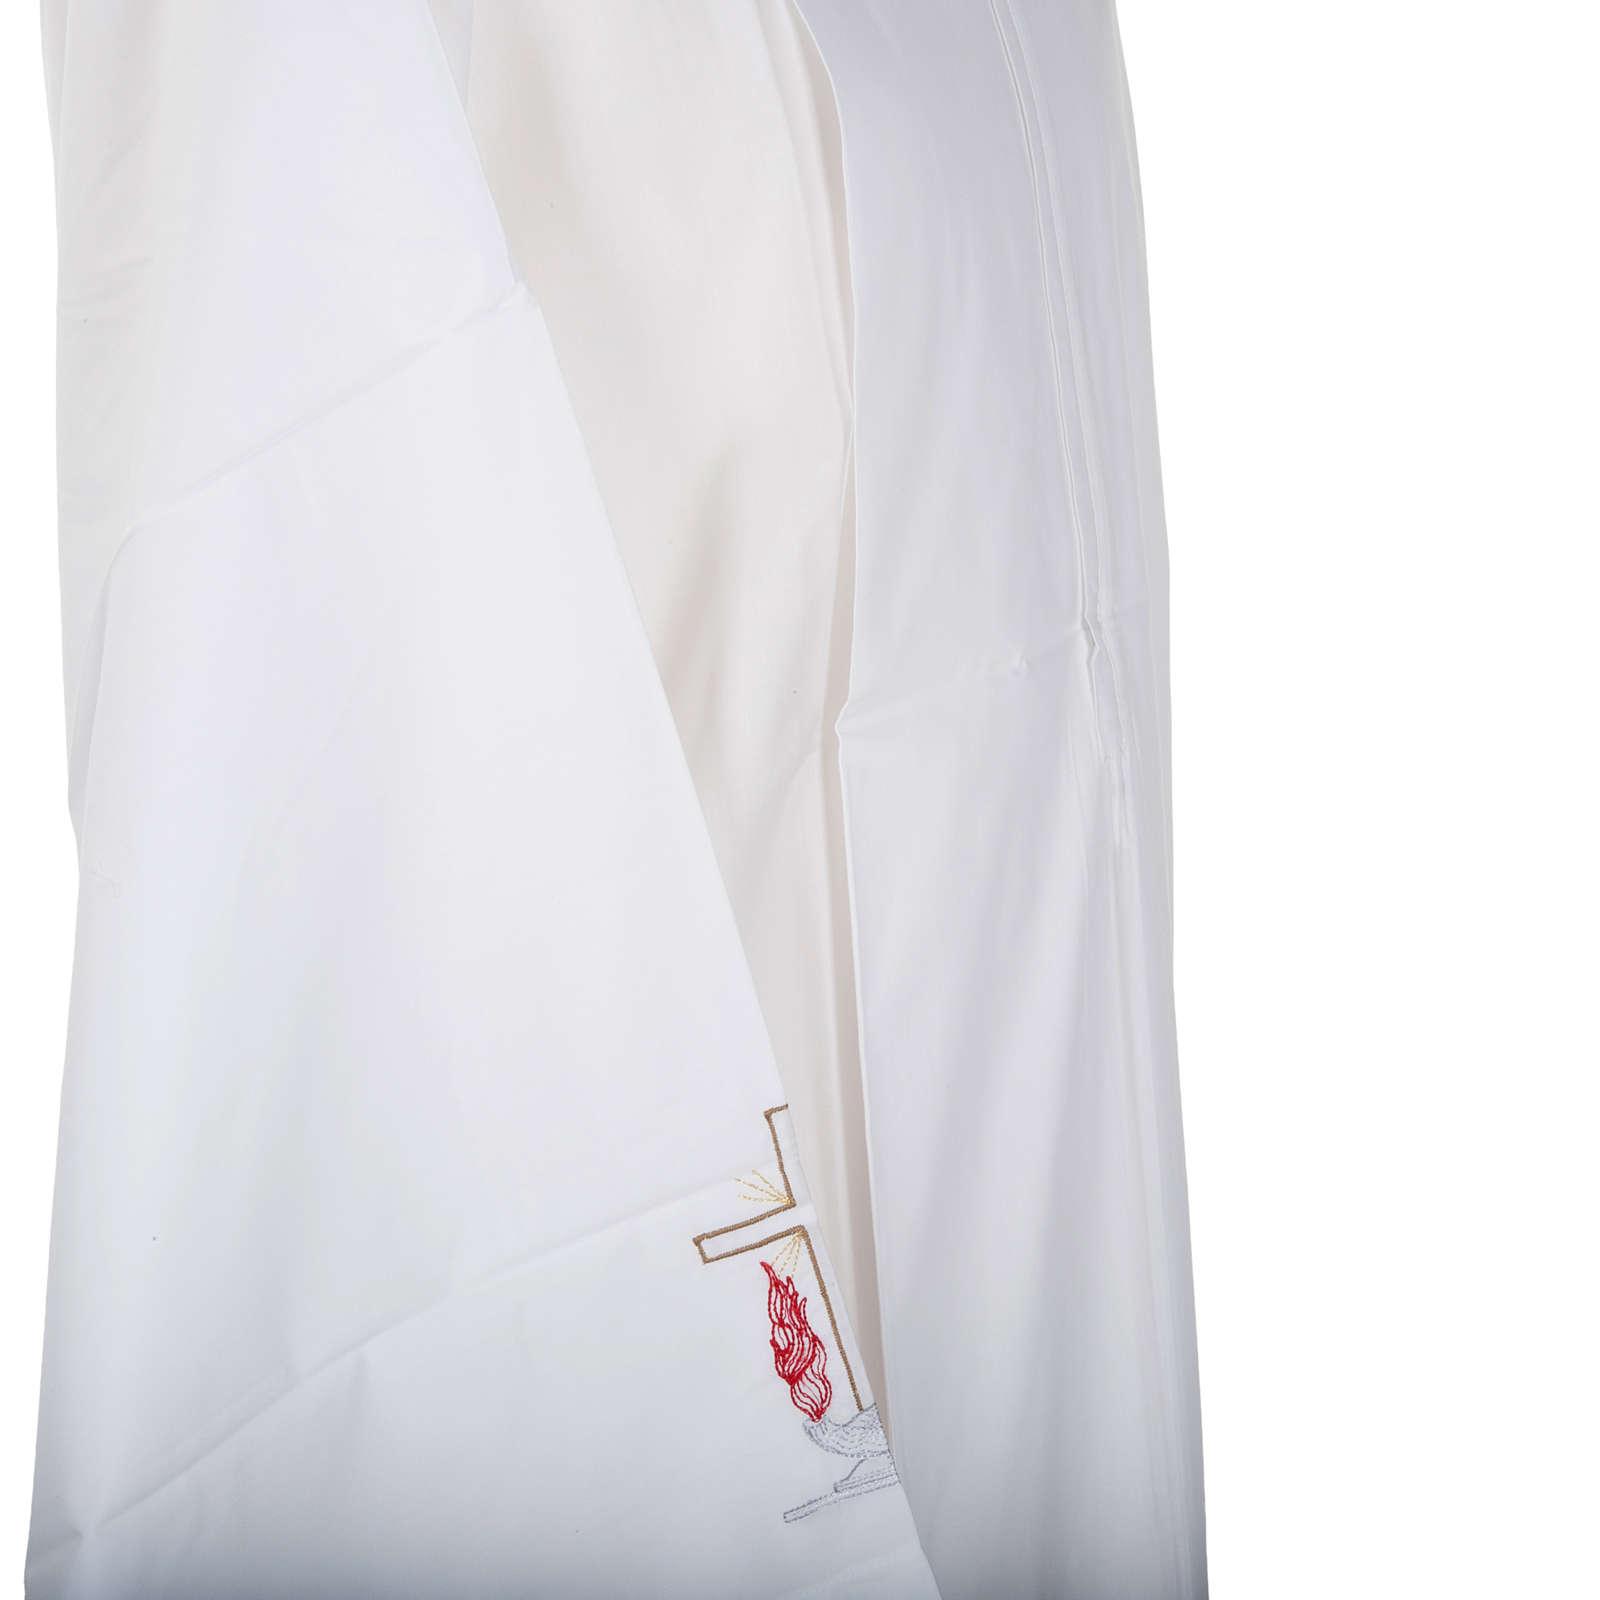 Camice bianco lana croce e lampada 4